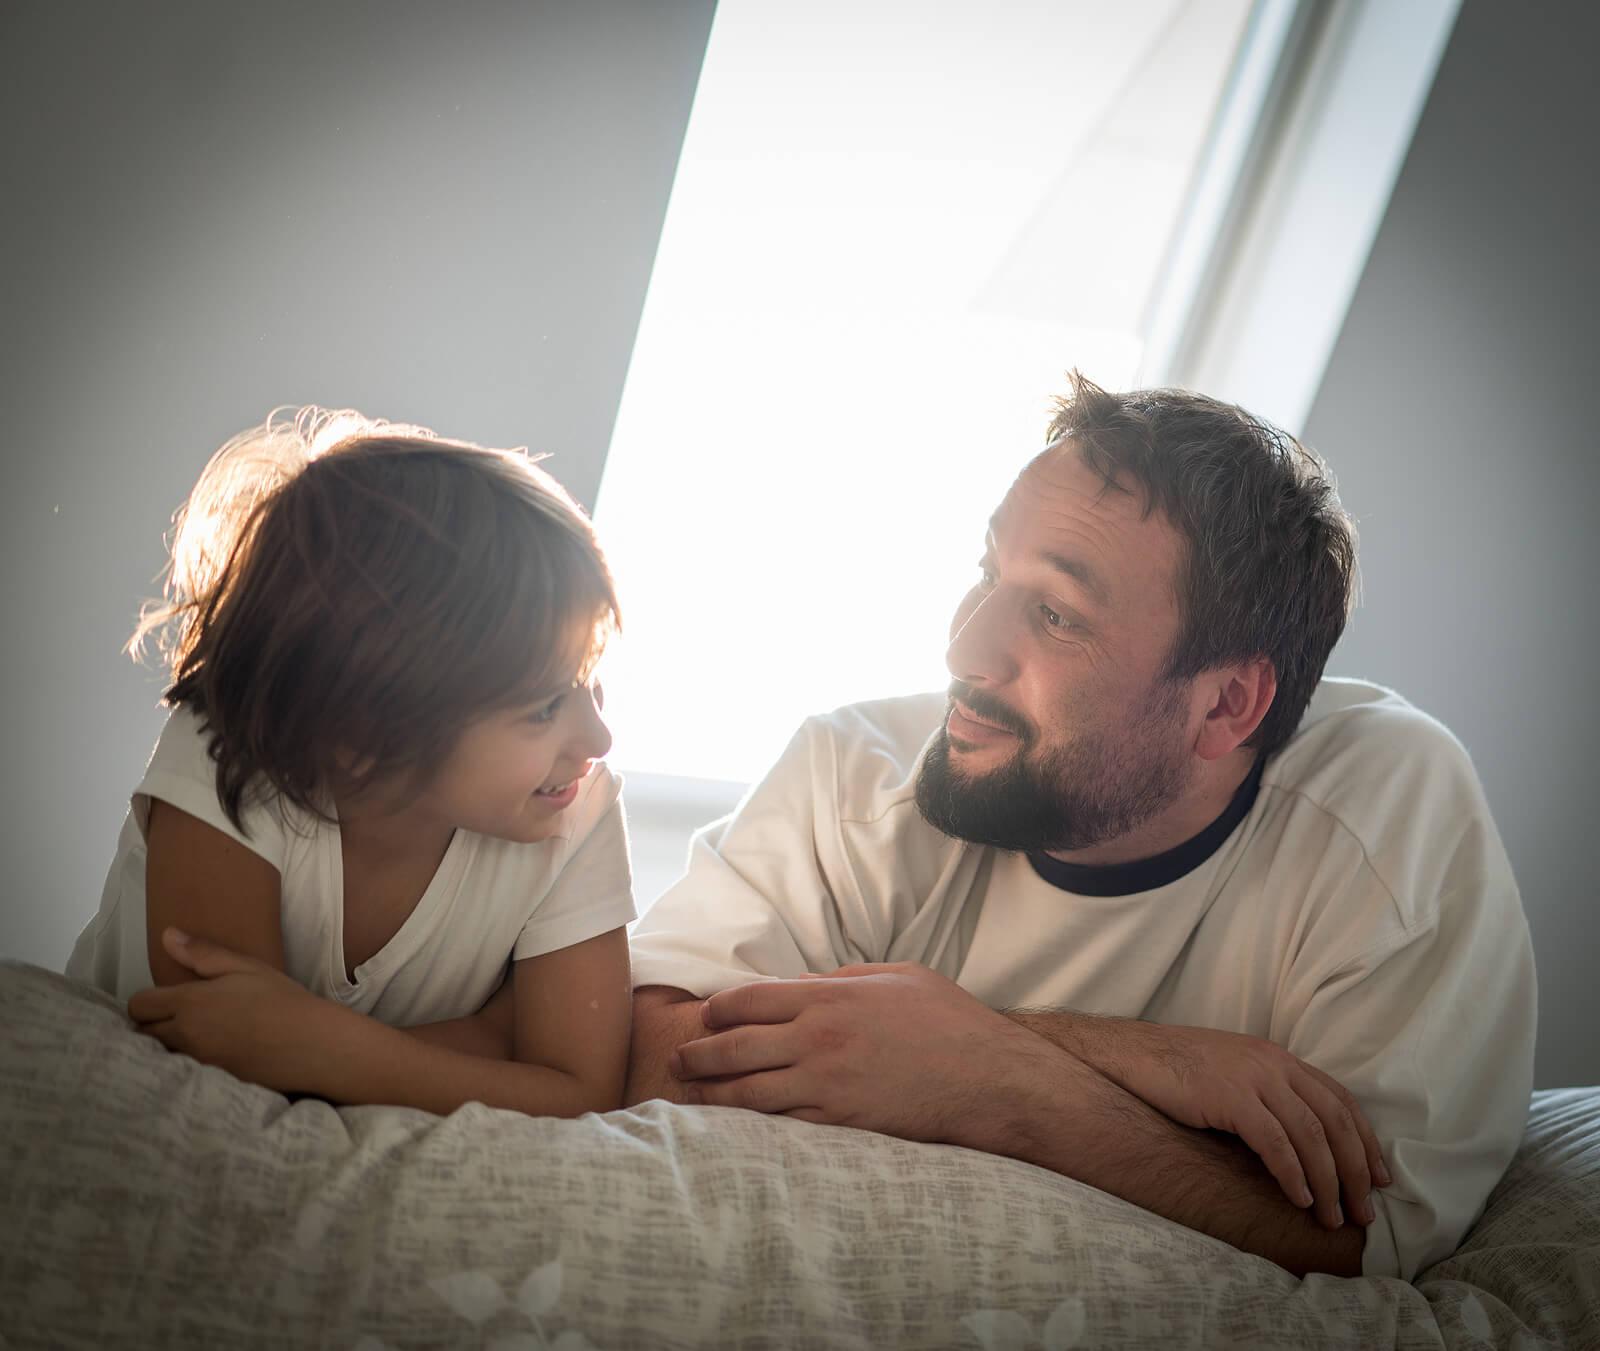 Padre e hijo hablando sobre aceptar las luces y las sombras de cada uno.